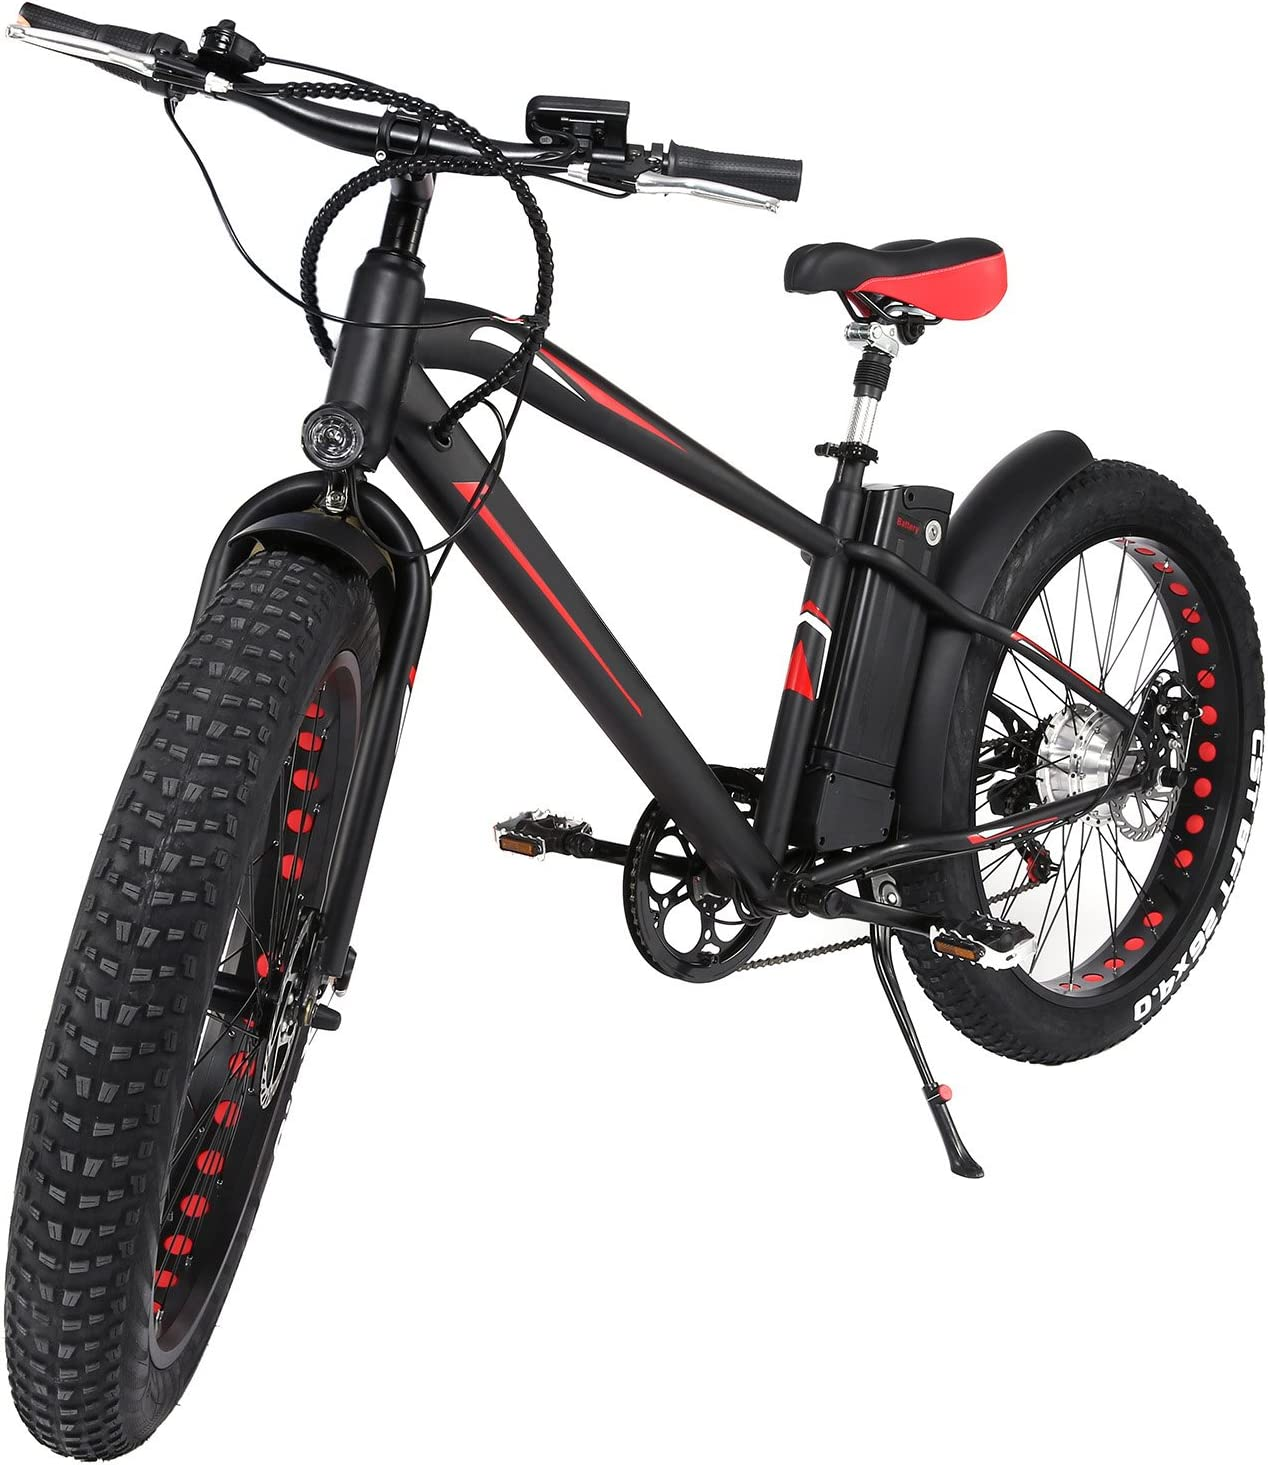 Profun Bicicleta Eléctrica Bicicleta de Montaña 300W 36V 10AH Motor Shimano de 6 Velocidad Doble Suspensión Neumático 26X4.0 Batería Recargable de Litio Desmontable Pantalla LCD Completa para Adultos (Blanco): Amazon.es: Deportes y